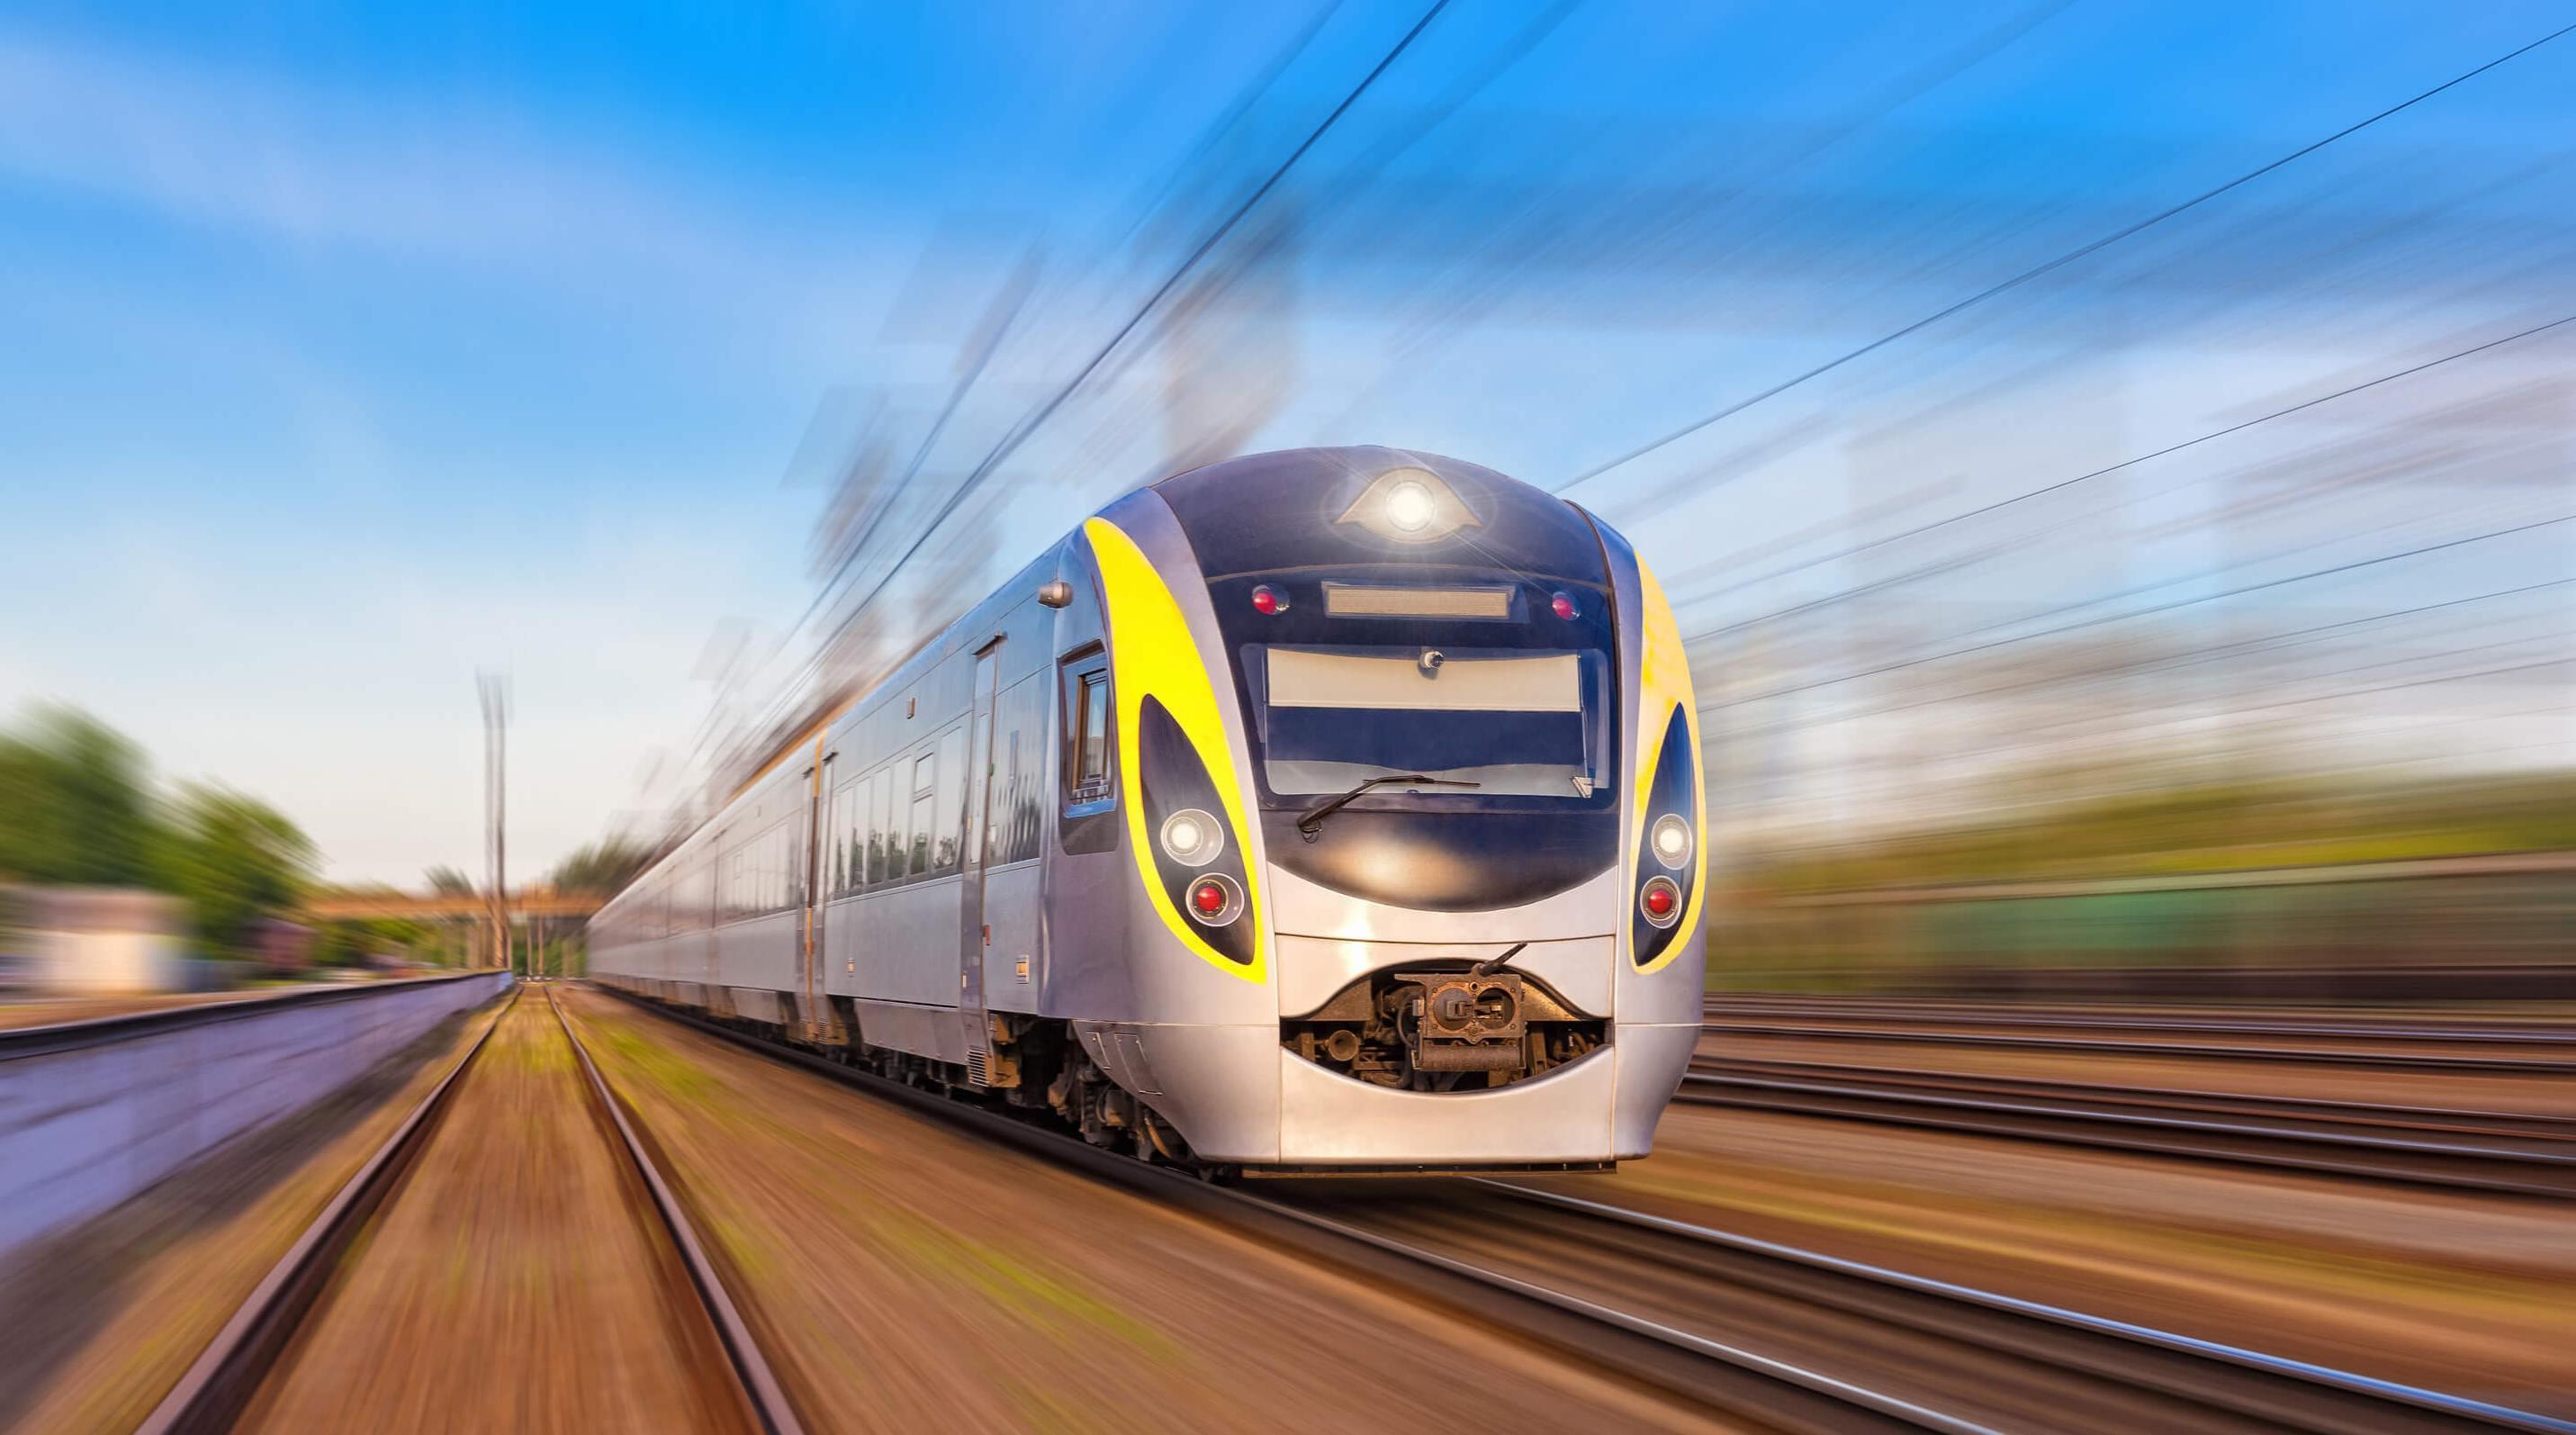 Поезд «четырех столиц» впервые проследует через Бобруйск 28 сентября